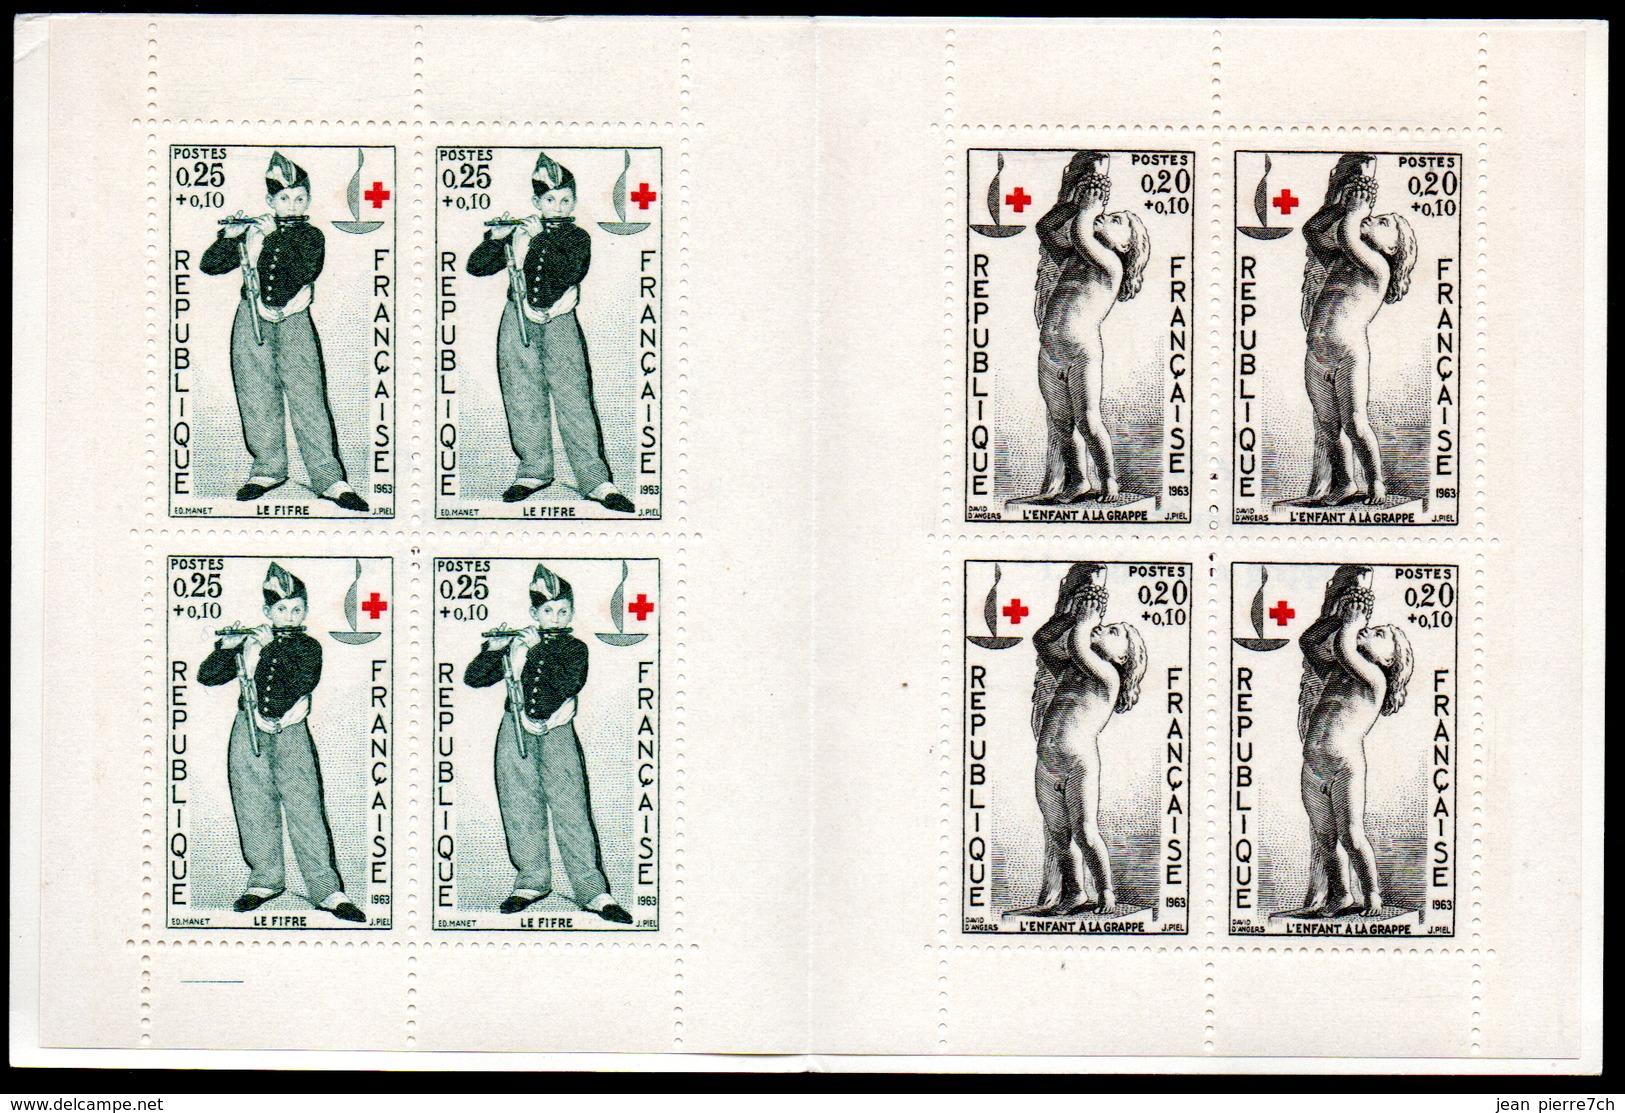 France Frankreich Carnet Croix-Rouge Rotkreuzheftchen Y&T Carnet CR 2012 - Booklets